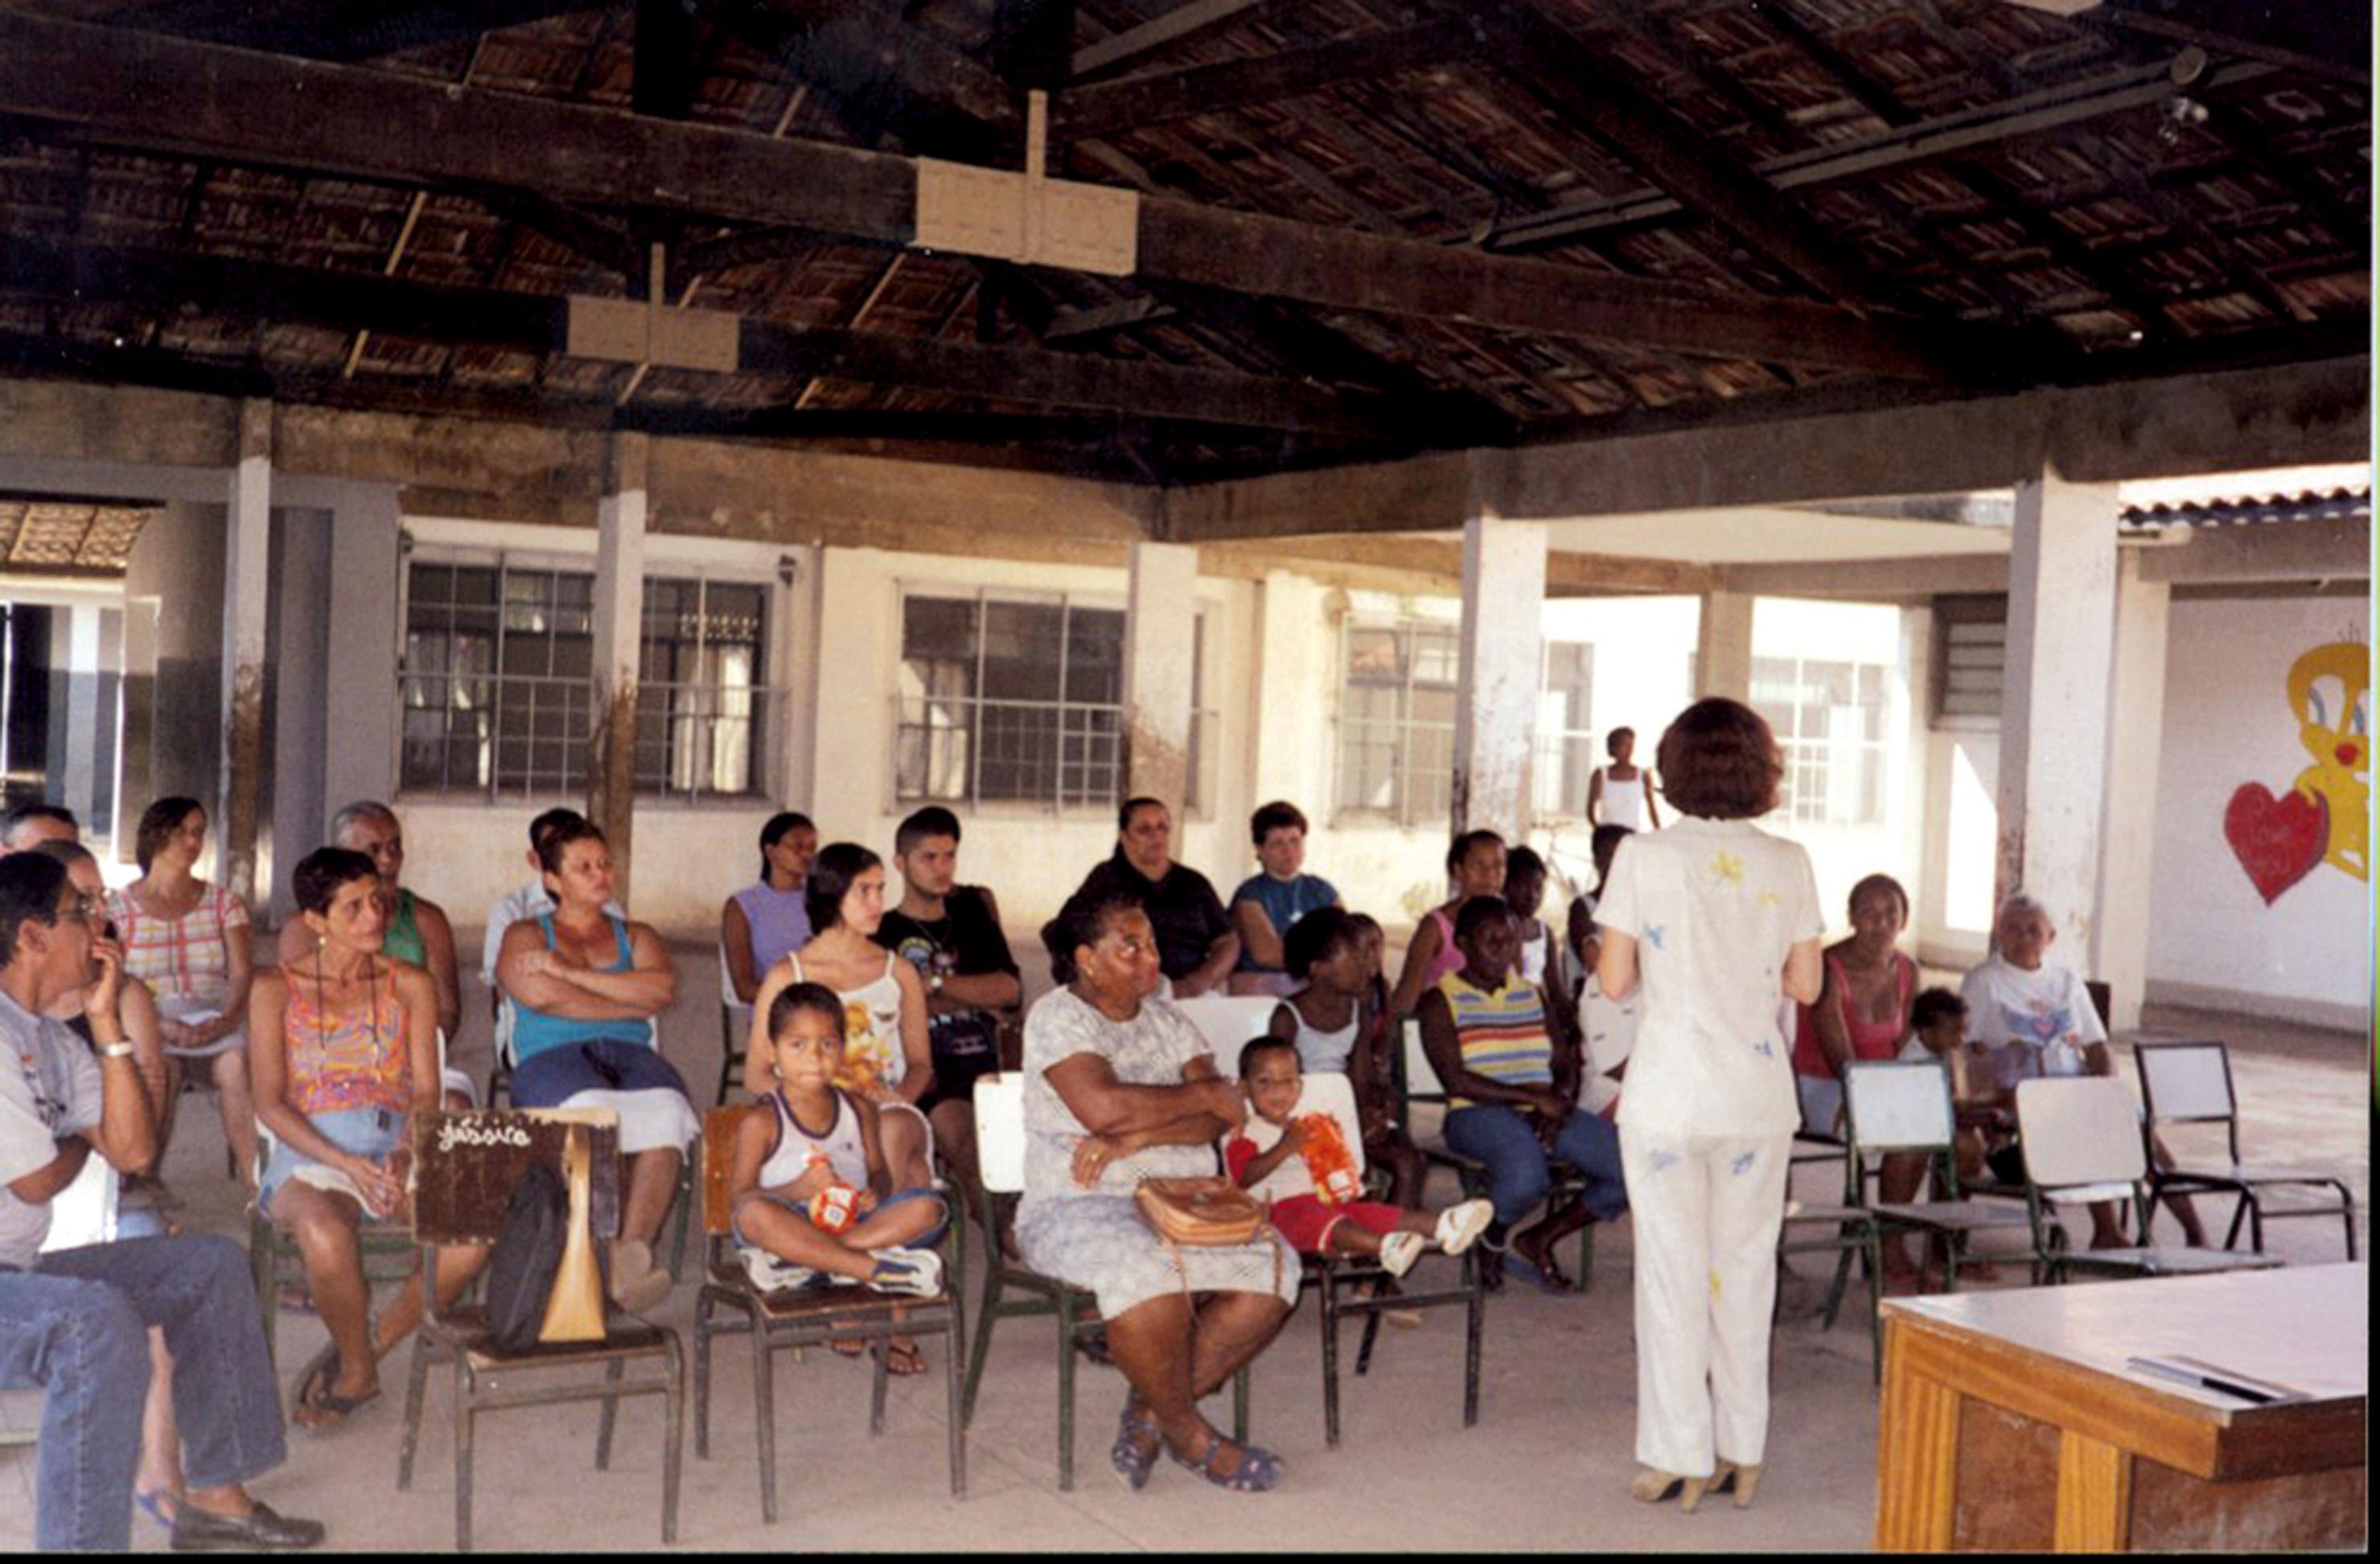 Dando uma palestra em uma comunidade de Nova Iguaçu (RJ)